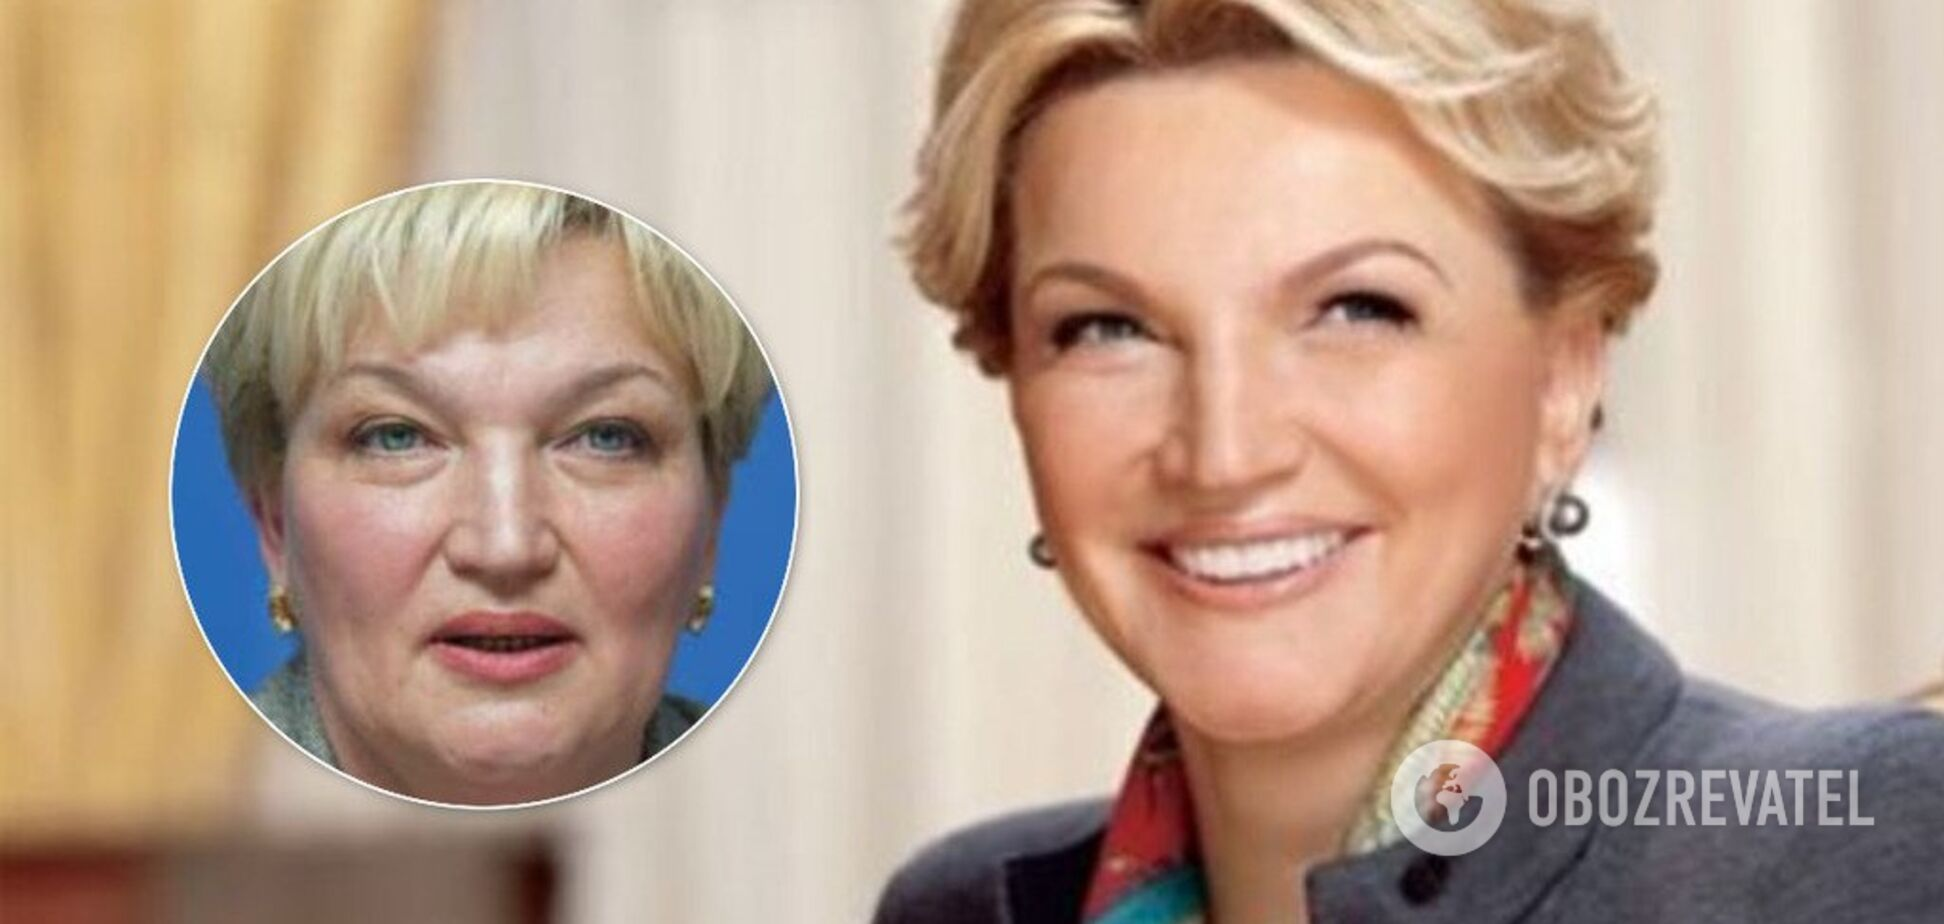 Как выглядела Богатырева до и после пластики: показательные фото